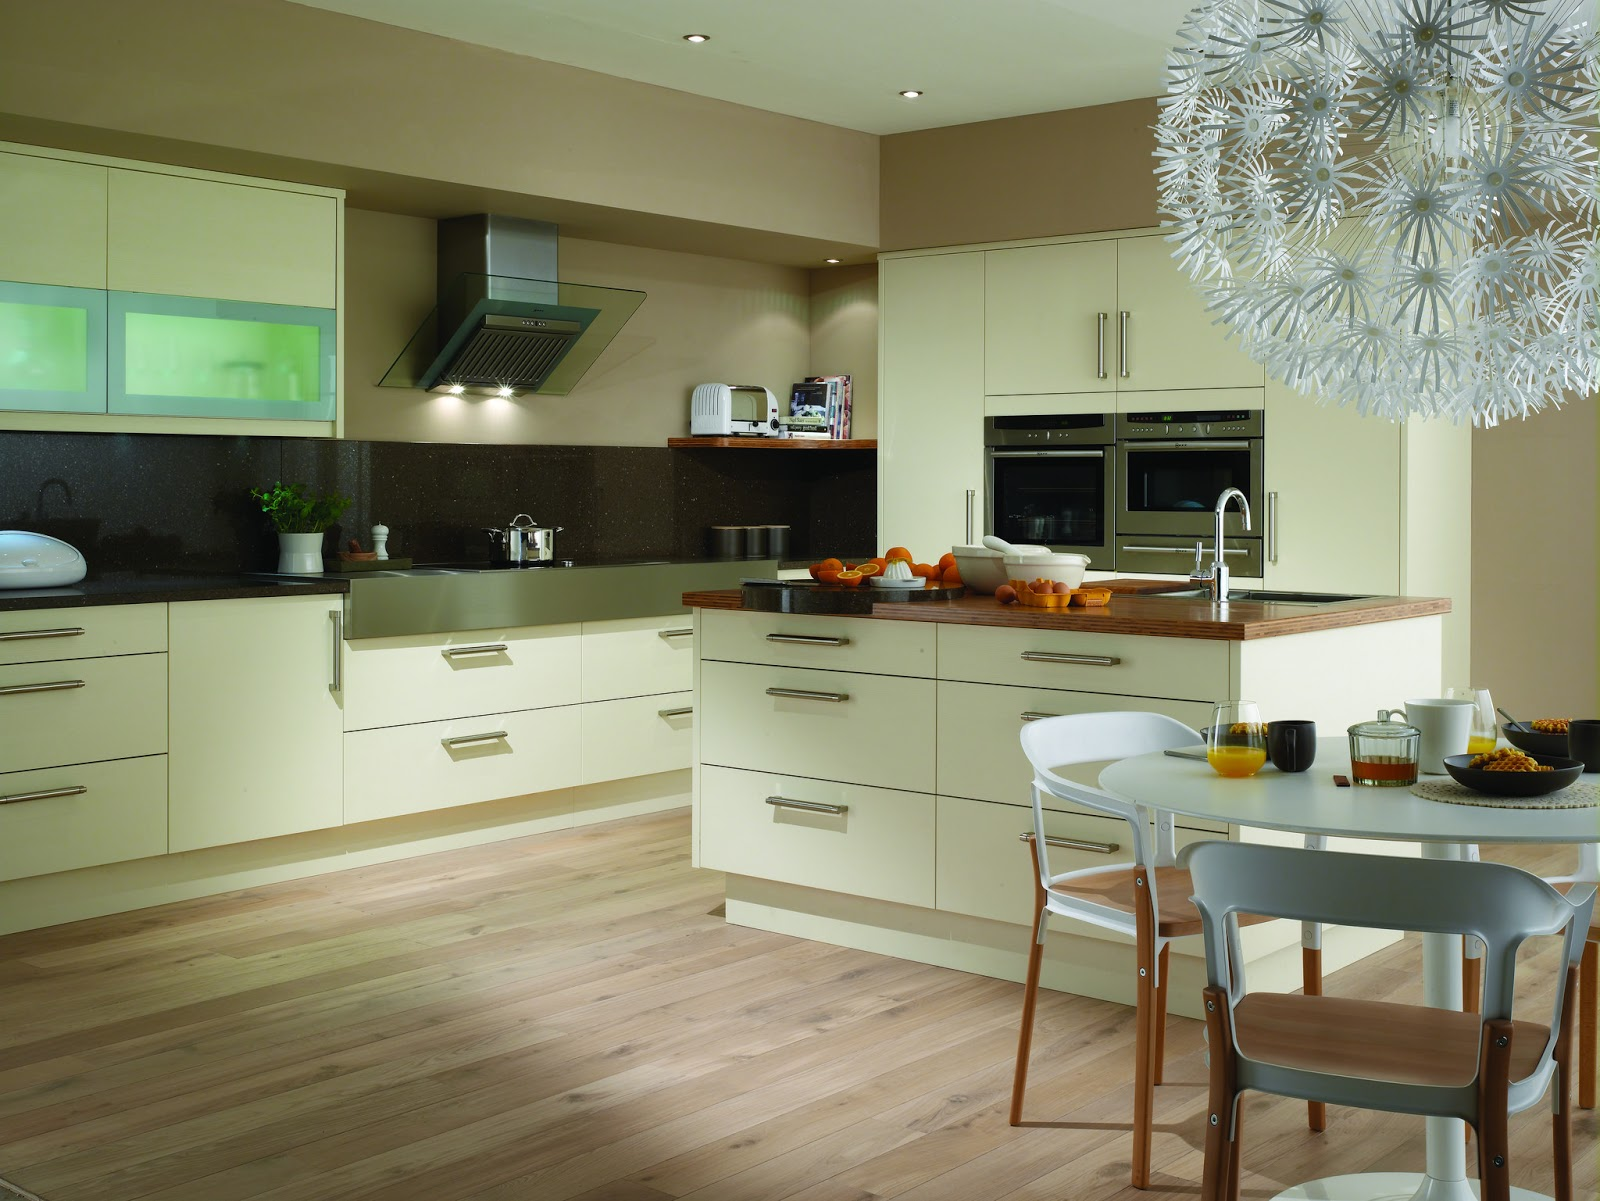 casi todos los hogares tienen en sus cocinas instaladas una mesa y sillas para poder desayunar comer y cenar cmodamente de esta manera no tendremos que